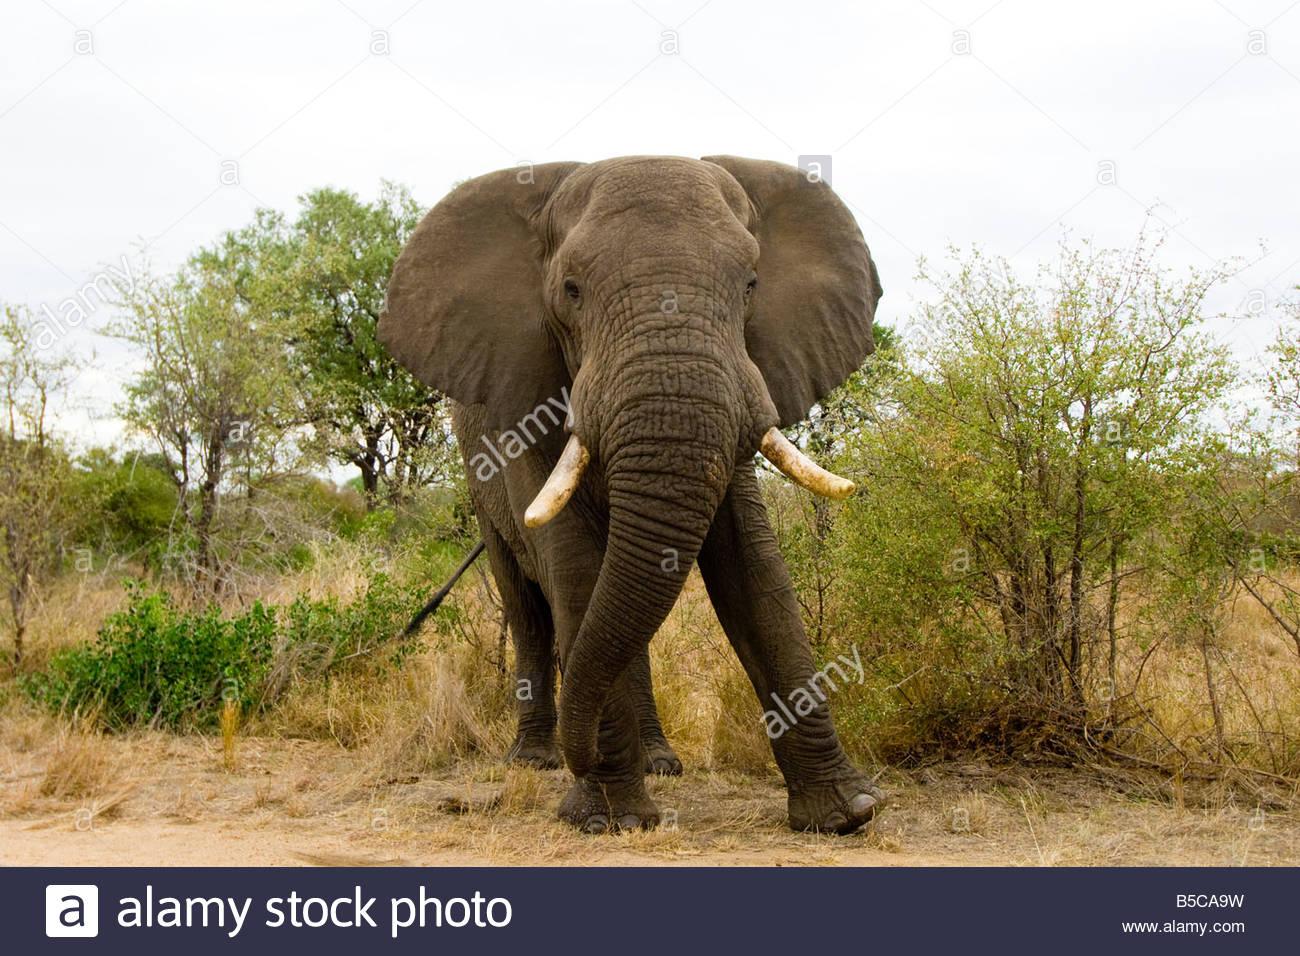 Bull Elephant Parque Nacional Kruger Sudáfrica Imagen De Stock